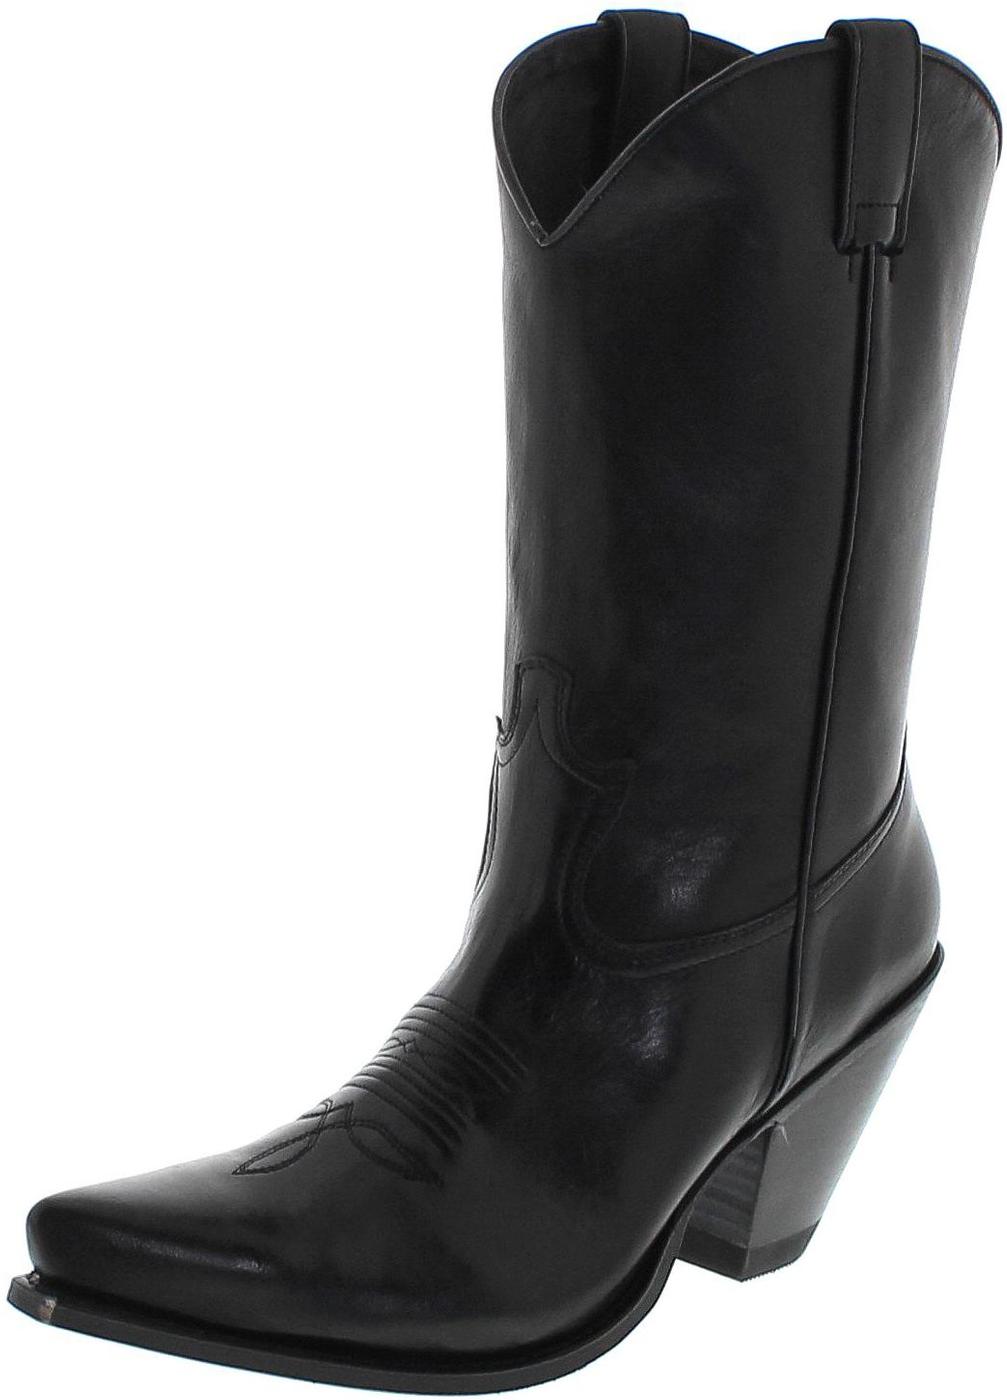 Sendra Boots 15422 Negro Fashion Westernstiefel - schwarz